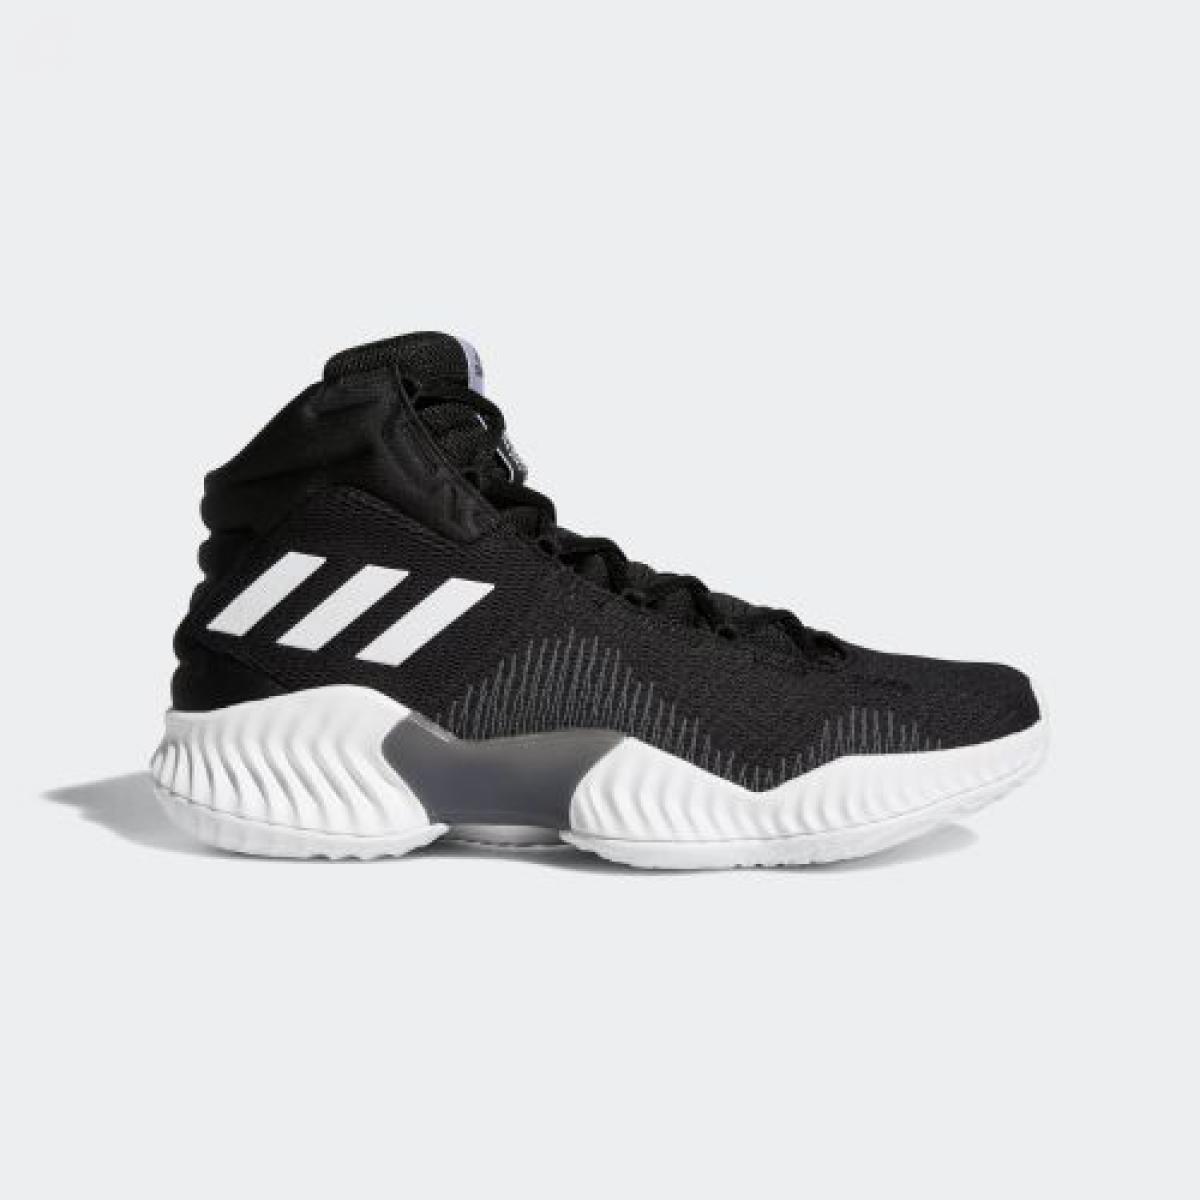 【公式】アディダス adidas PRO BOUNCE 2018 レディース メンズ AH2658 バスケットボール シューズ